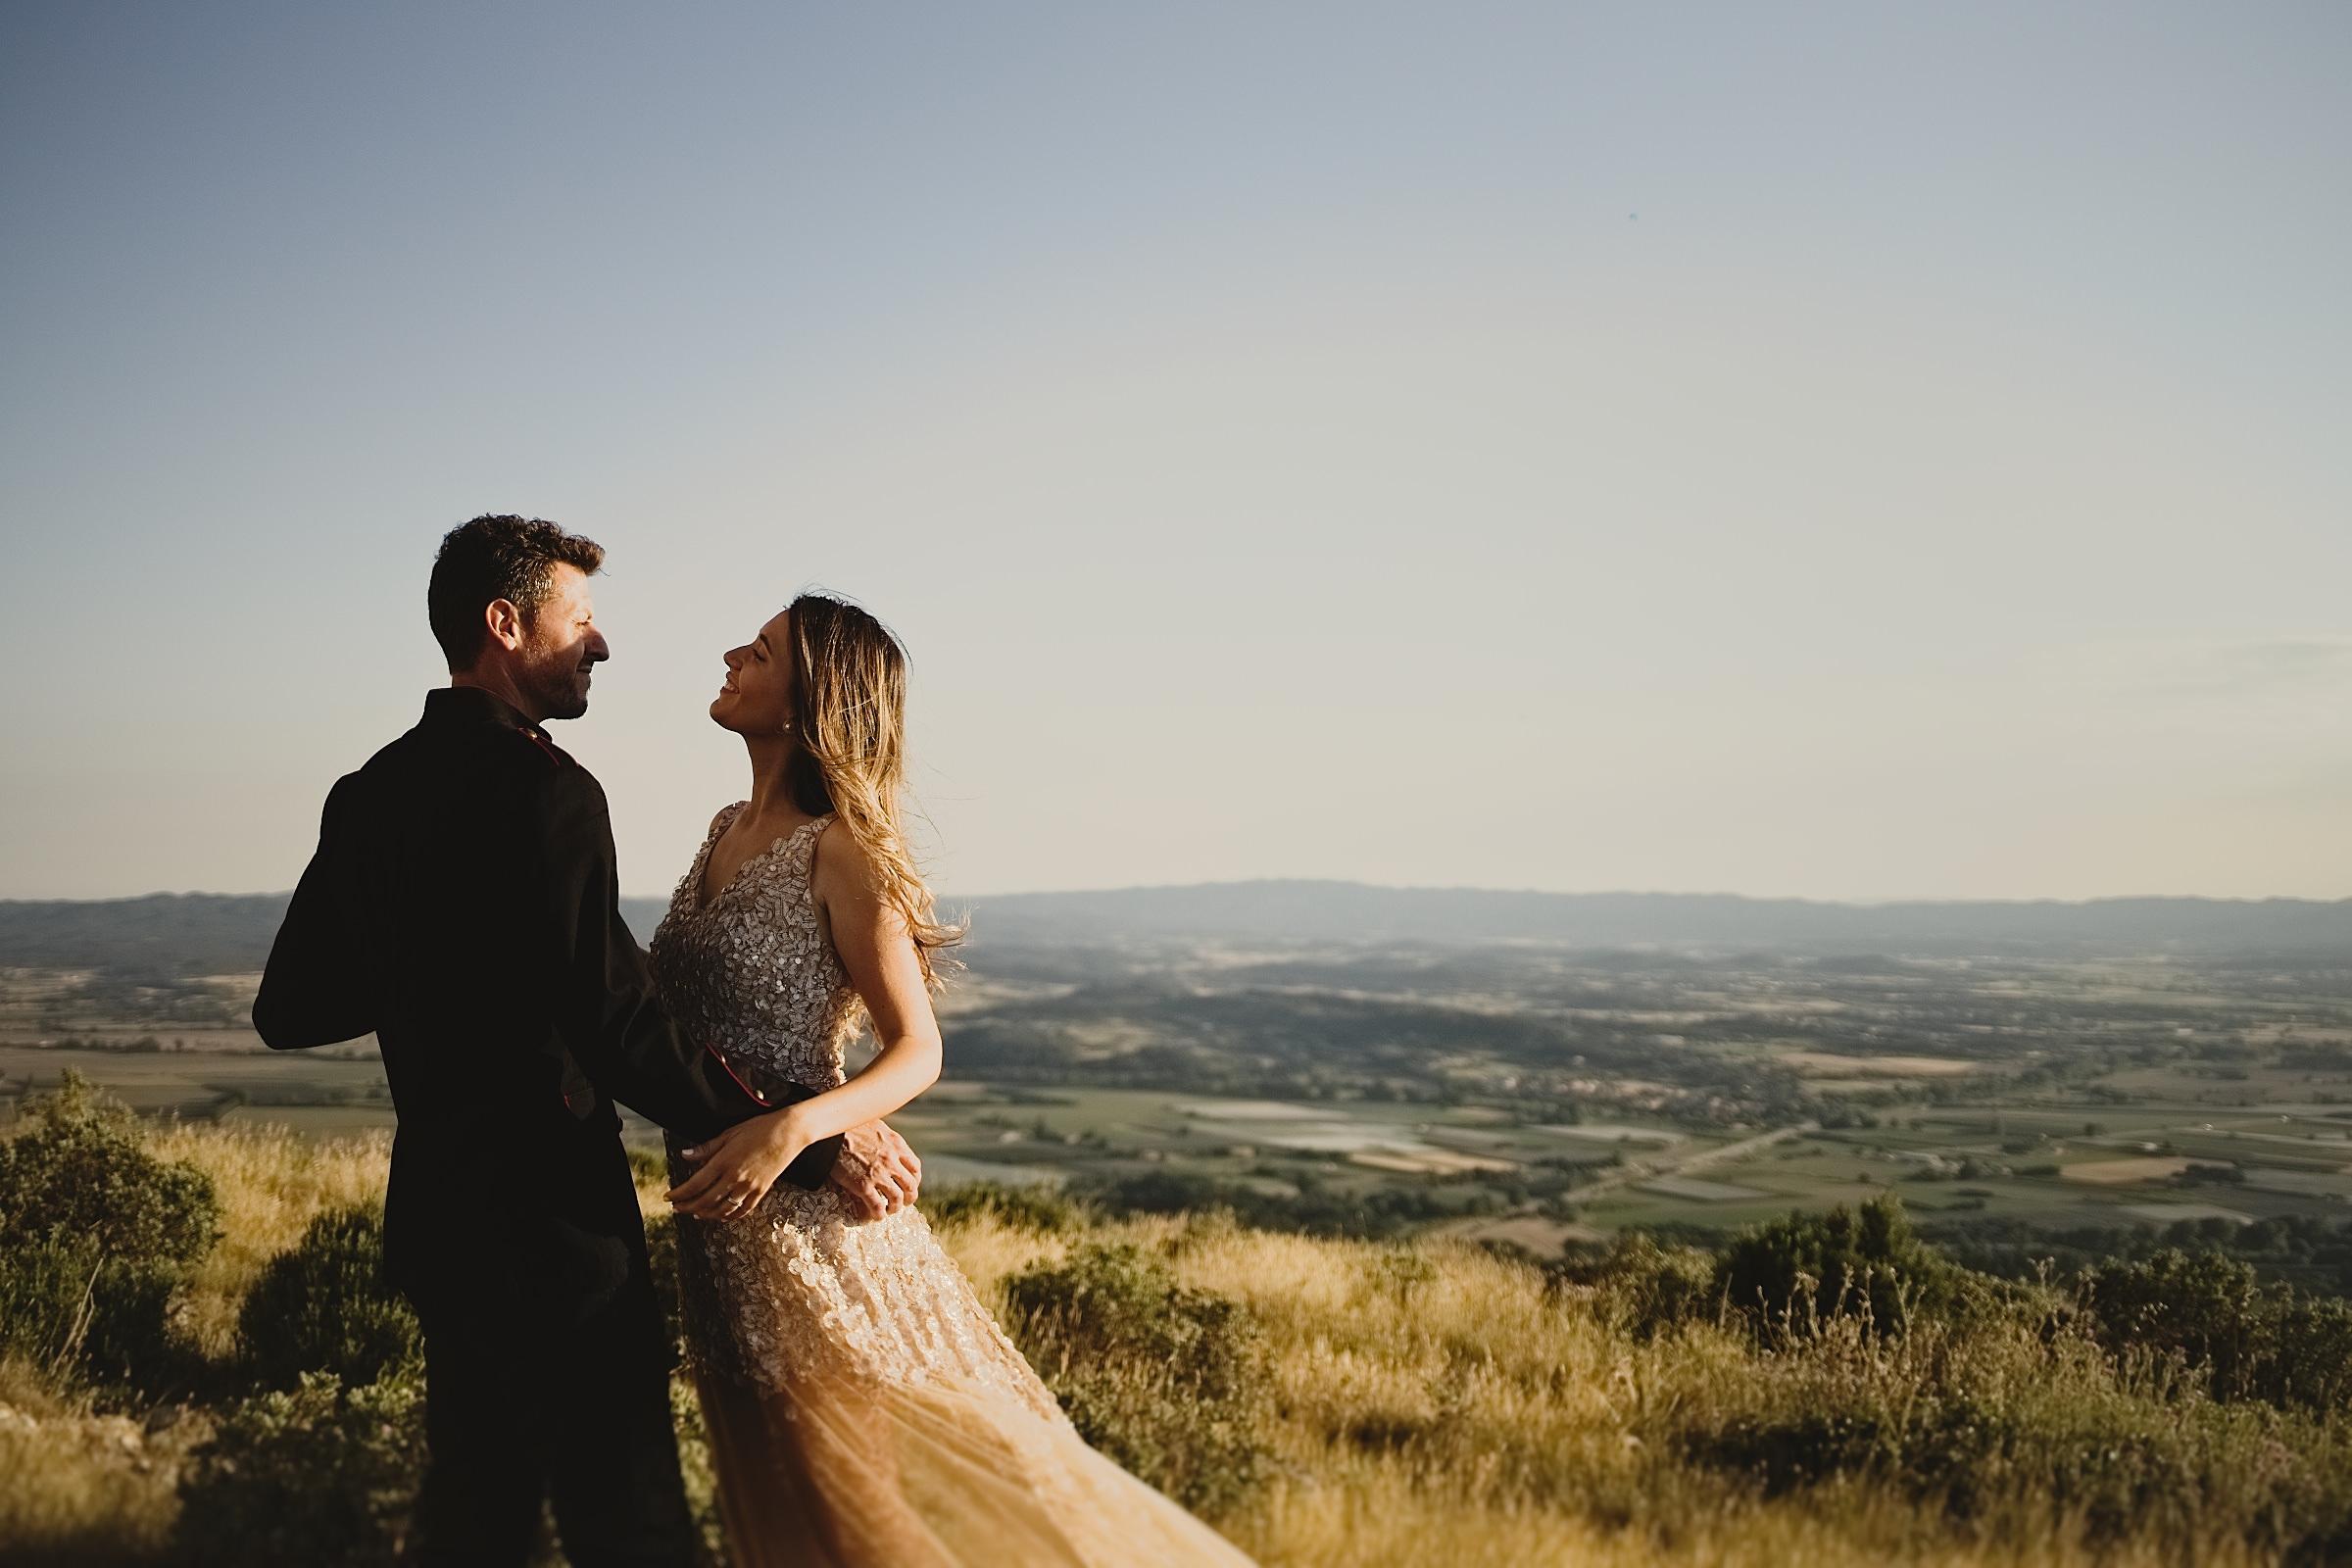 Beto Perez Fotógrafo de bodas en Girona y España - Sesión de fotos de pareja.